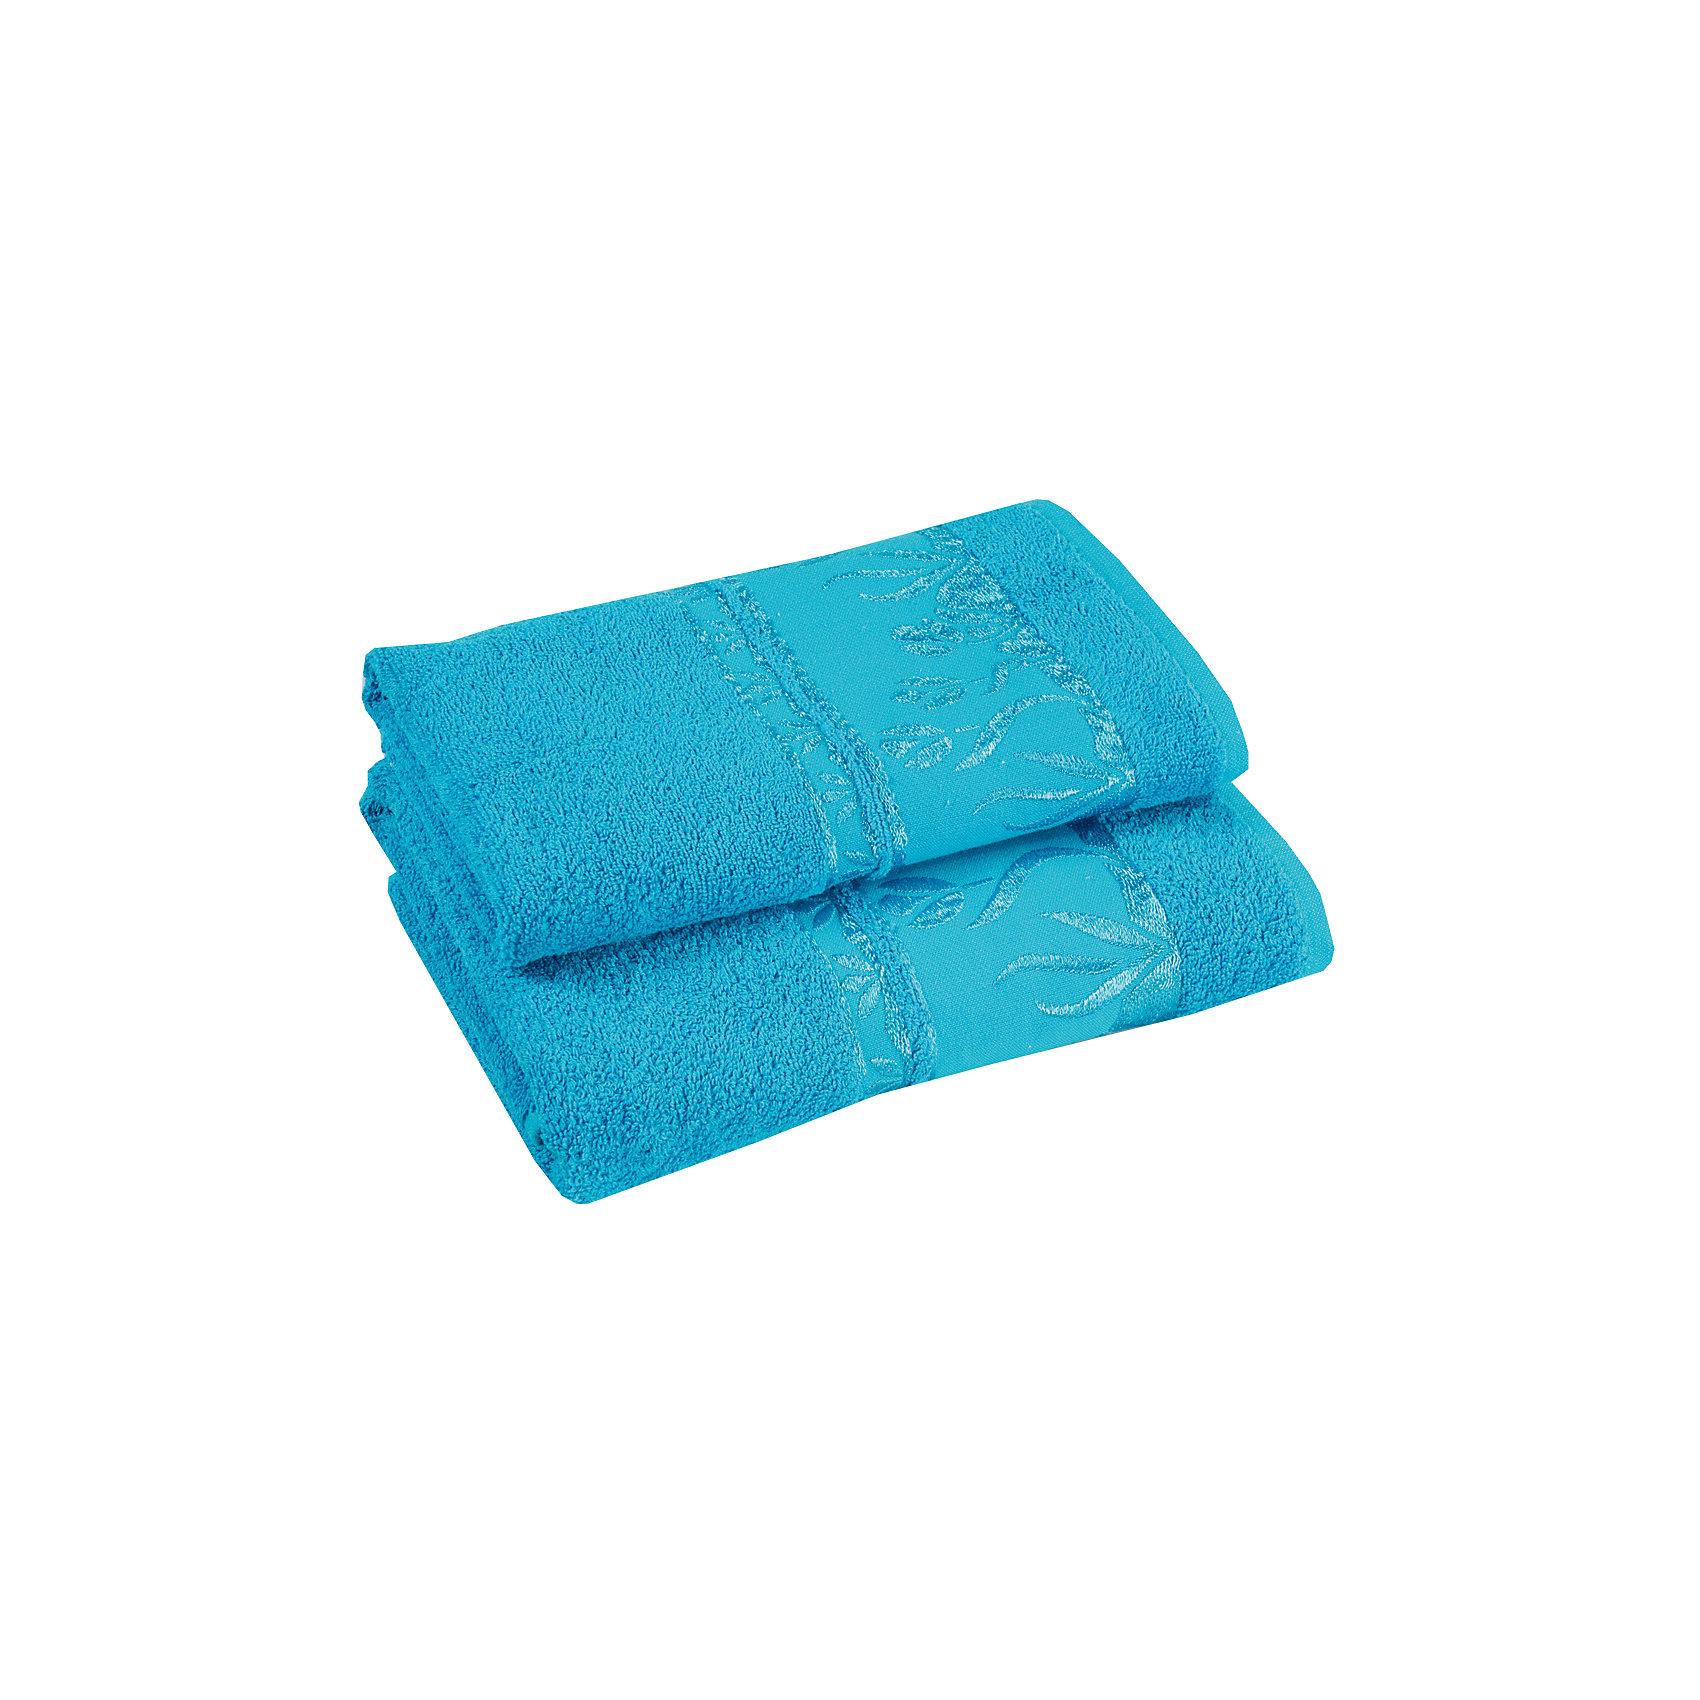 Полотенце махровое Tulips 40*75, Португалия, ярко-голубойВанная комната<br>Tulips - махровое полотенце из натурального качественного хлопка. Она хорошо впитает влагу и подарит вам ощущение мягкости после водных процедур. Полотенце износостойкое и хорошо сохраняет цвет. Украшено жаккардовым узором. <br><br>Дополнительная информация:<br>Материал: 100% хлопок<br>Плотность: 500 г/м2<br>Размер: 40х75 см<br>Цвет: ярко-голубой<br>Торговая марка: Португалия<br><br>Вы можете приобрести махровое полотенце Tulips  в нашем интернет-магазине.<br><br>Ширина мм: 500<br>Глубина мм: 500<br>Высота мм: 200<br>Вес г: 200<br>Возраст от месяцев: 0<br>Возраст до месяцев: 144<br>Пол: Унисекс<br>Возраст: Детский<br>SKU: 5010936